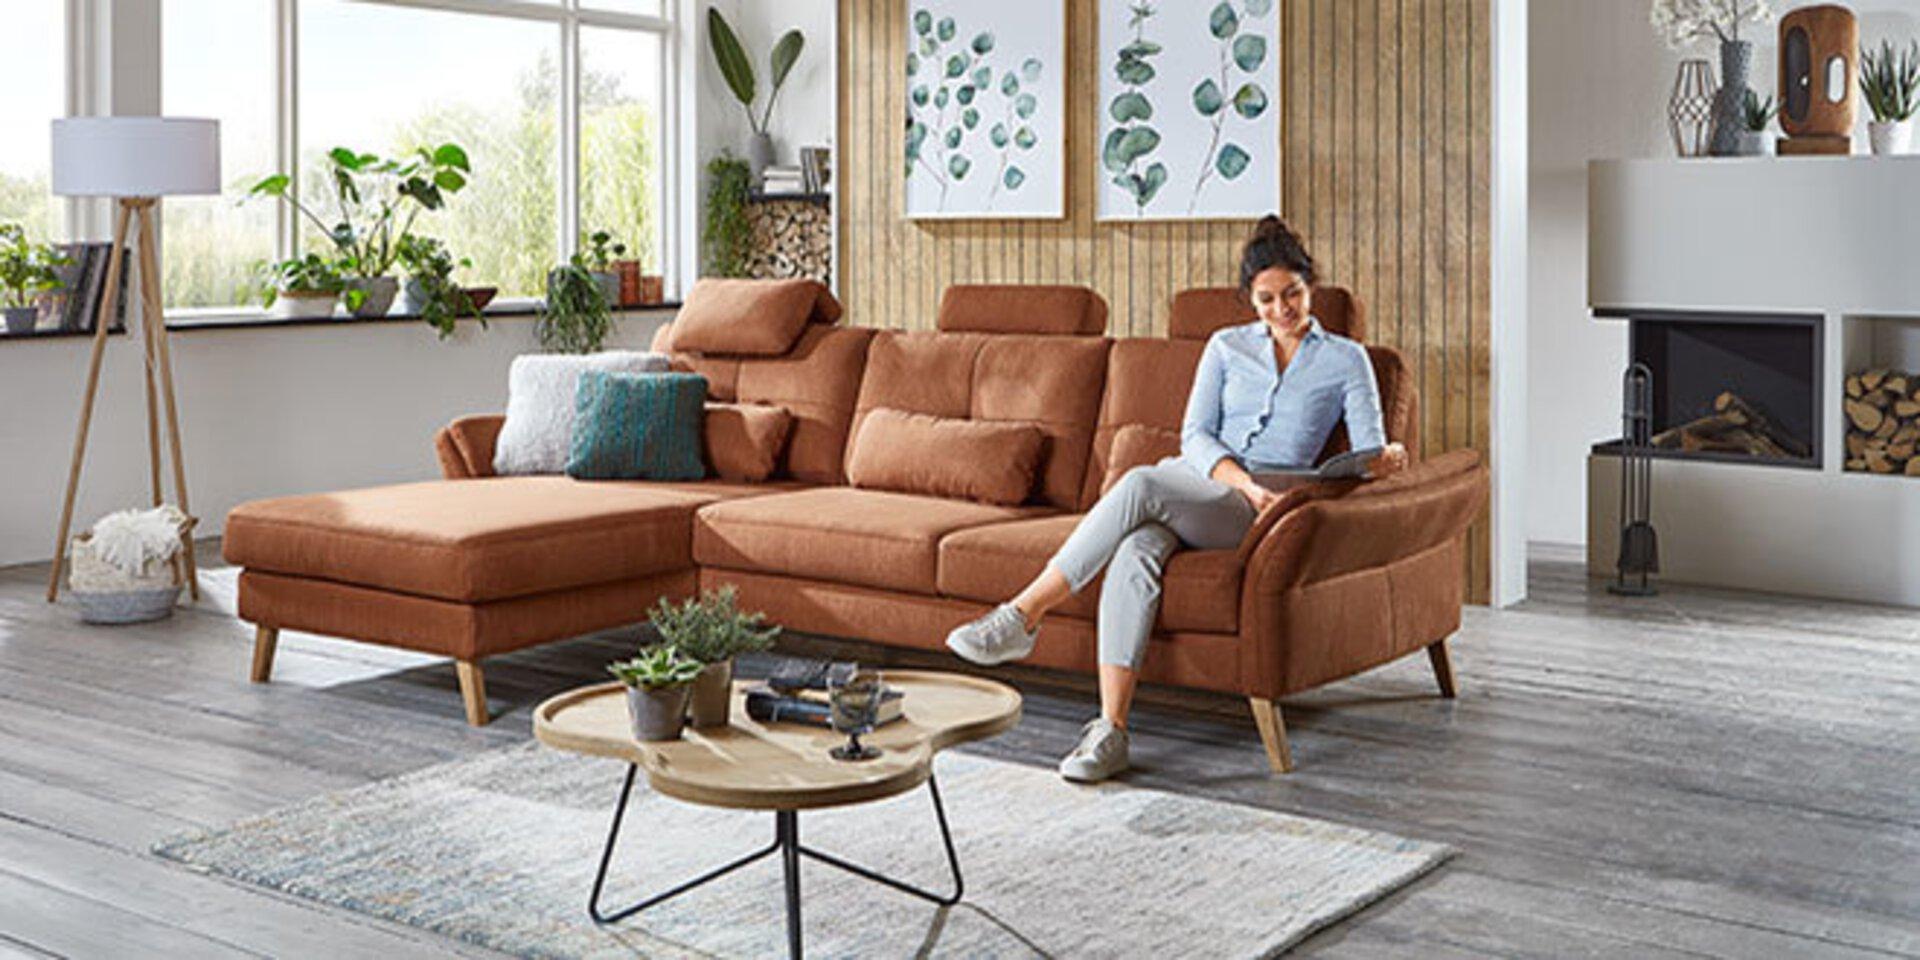 Weiteres Titelbild der Marke Valmondo zeigt ein Wohnzimmer mit gemütlichem Ecksofa in Fuchsbraun.